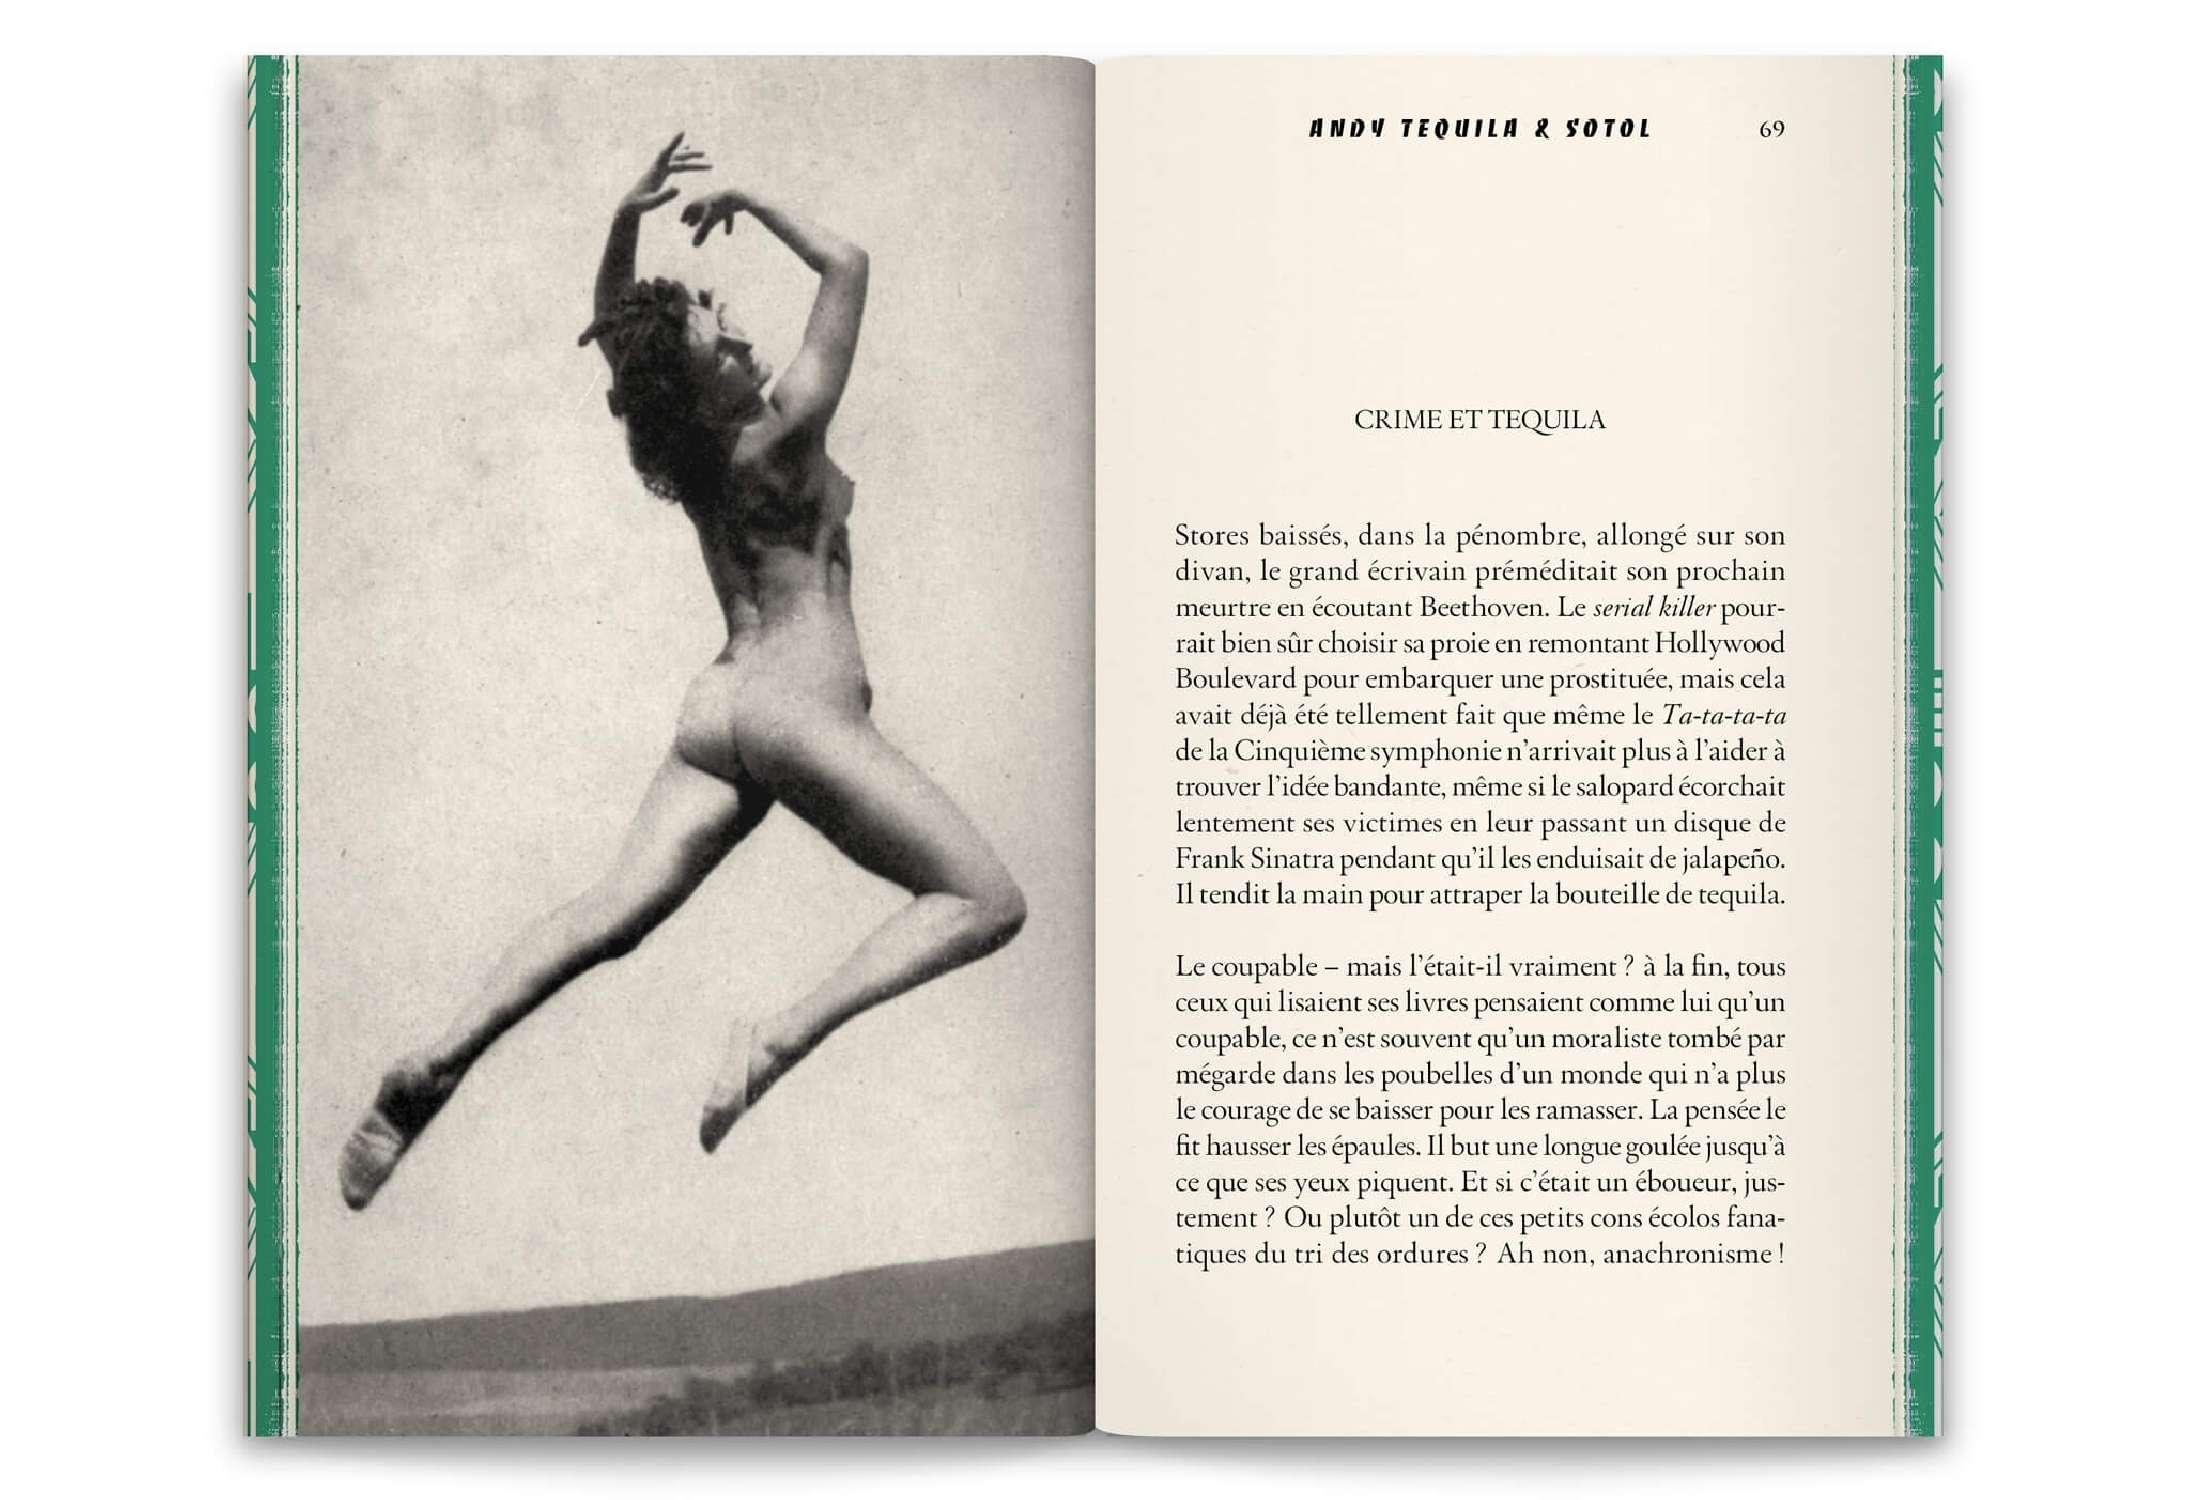 16 nouvelles de l'écrivain Christian Perrot pour le livre menu dessiné par IchetKar